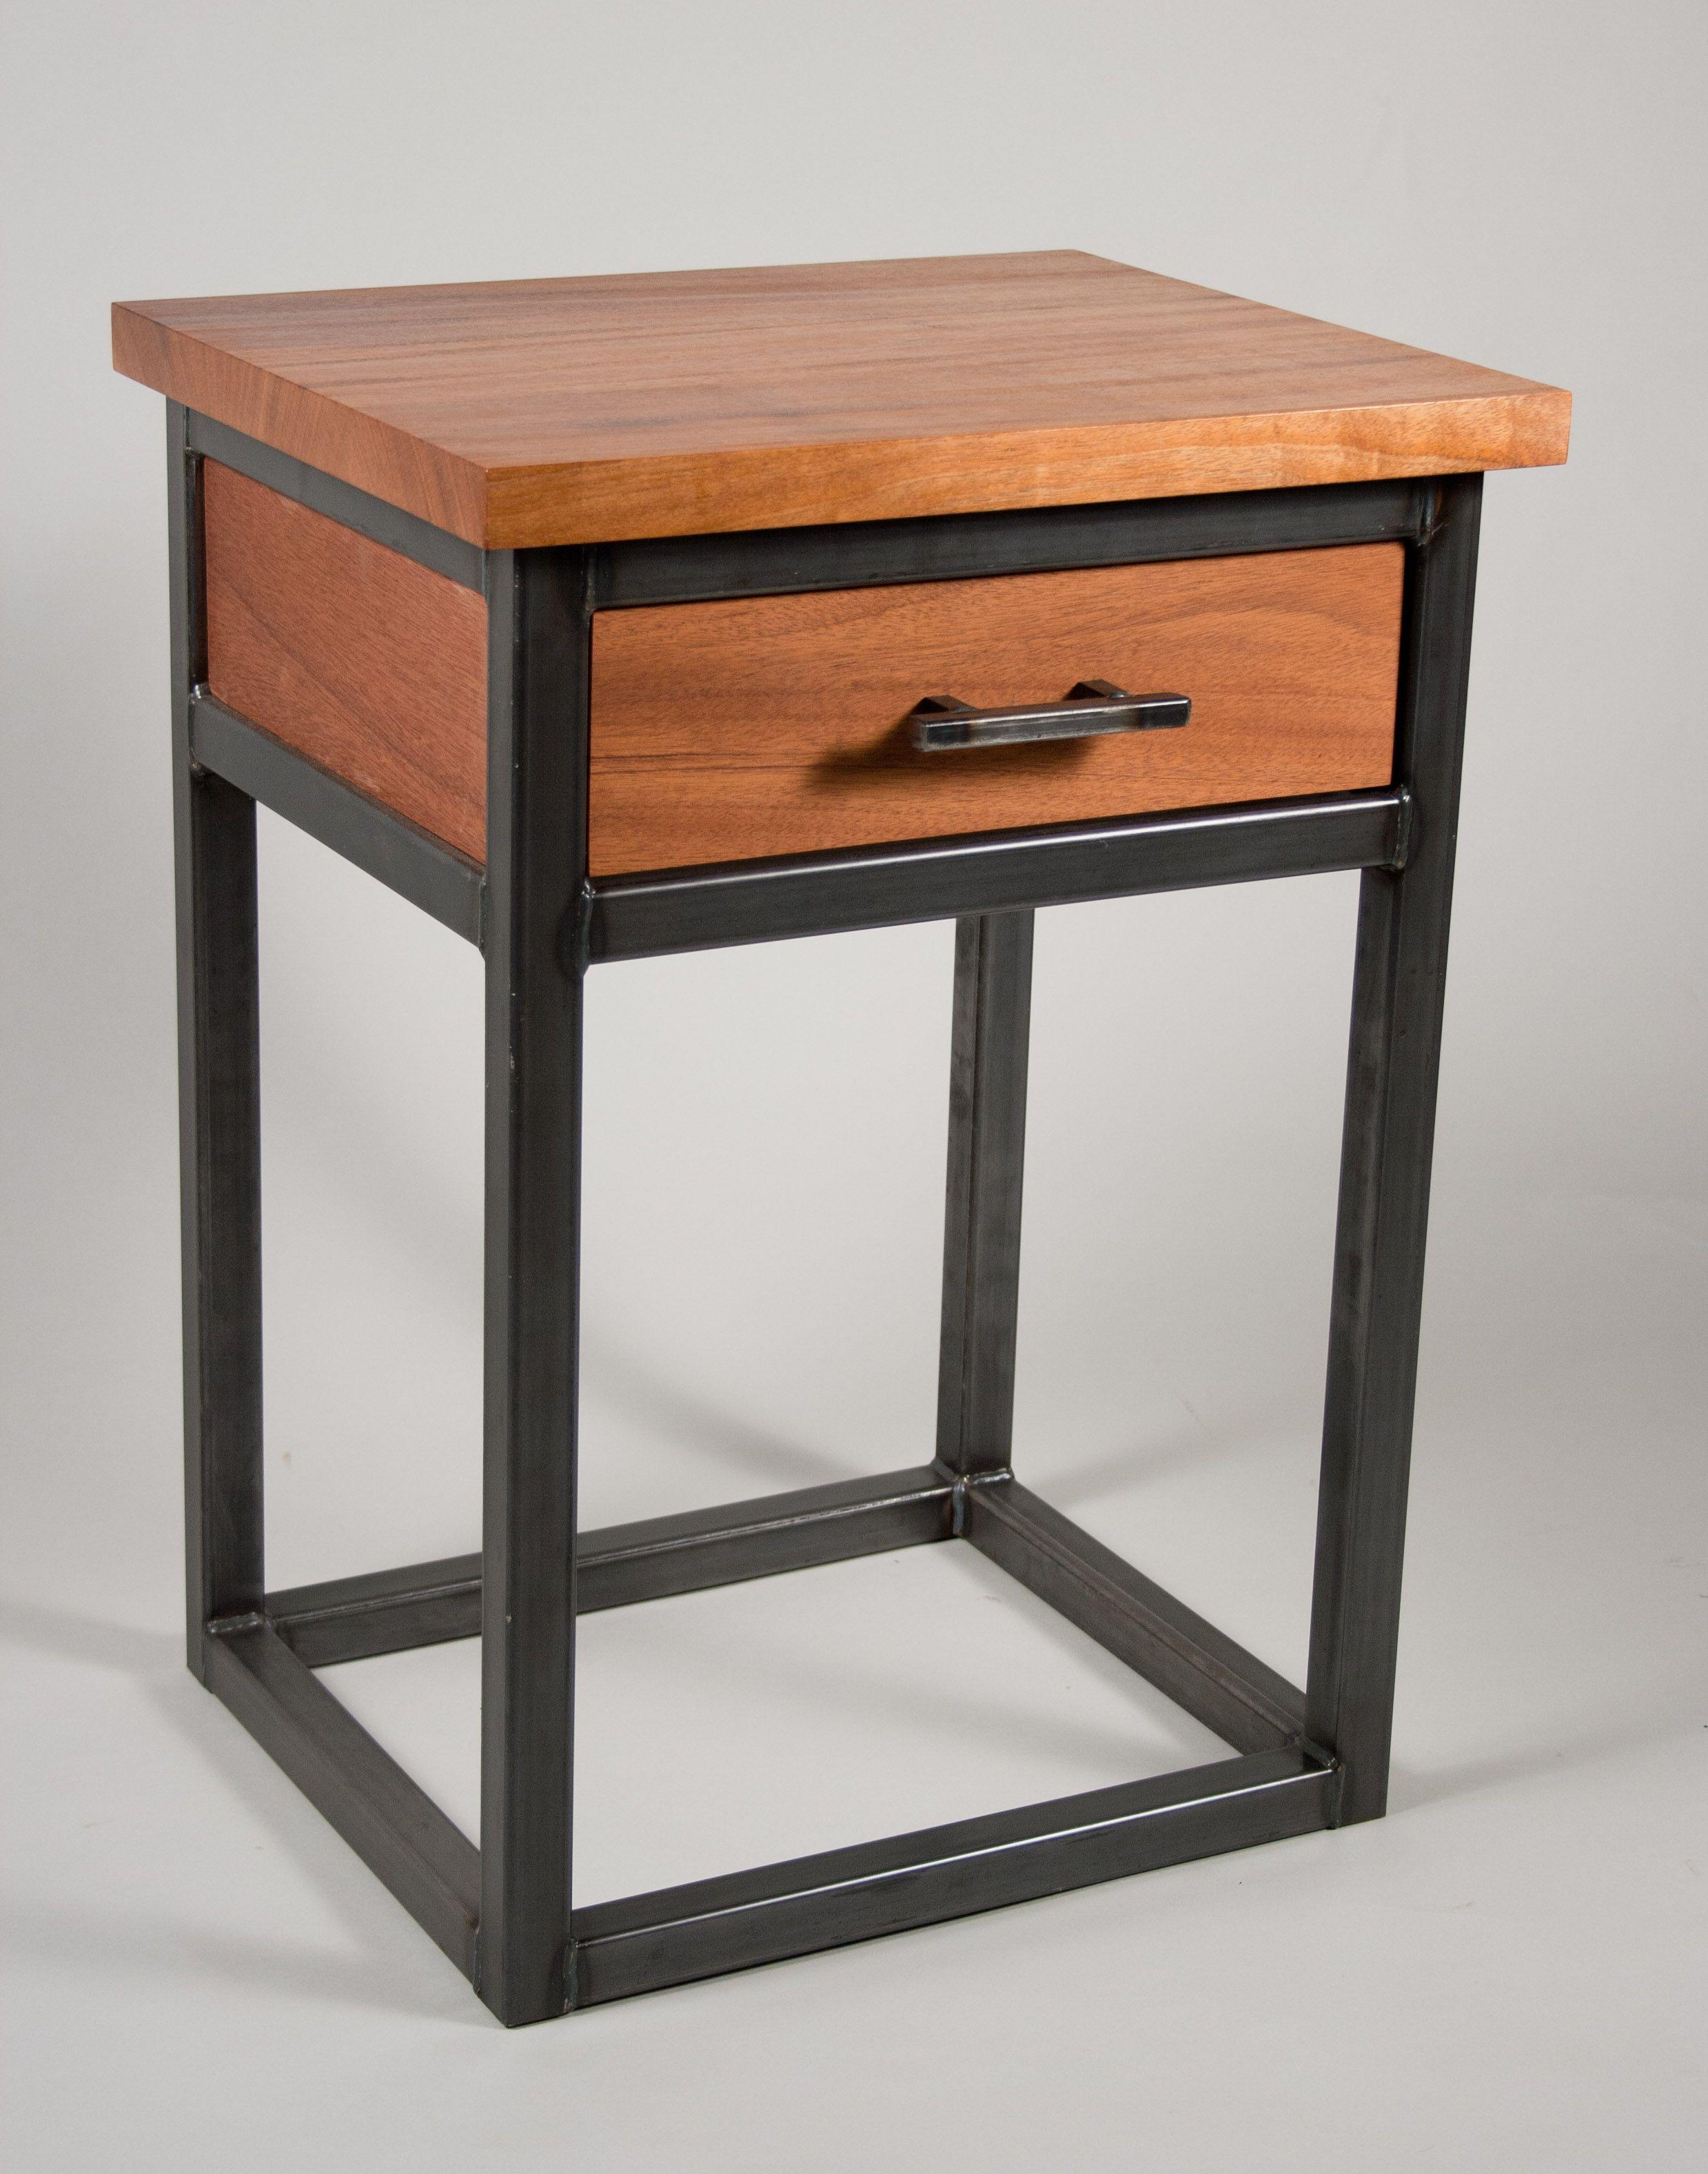 wood and steel furniture yahoo image search results furniture pinterest m bel holzm bel. Black Bedroom Furniture Sets. Home Design Ideas